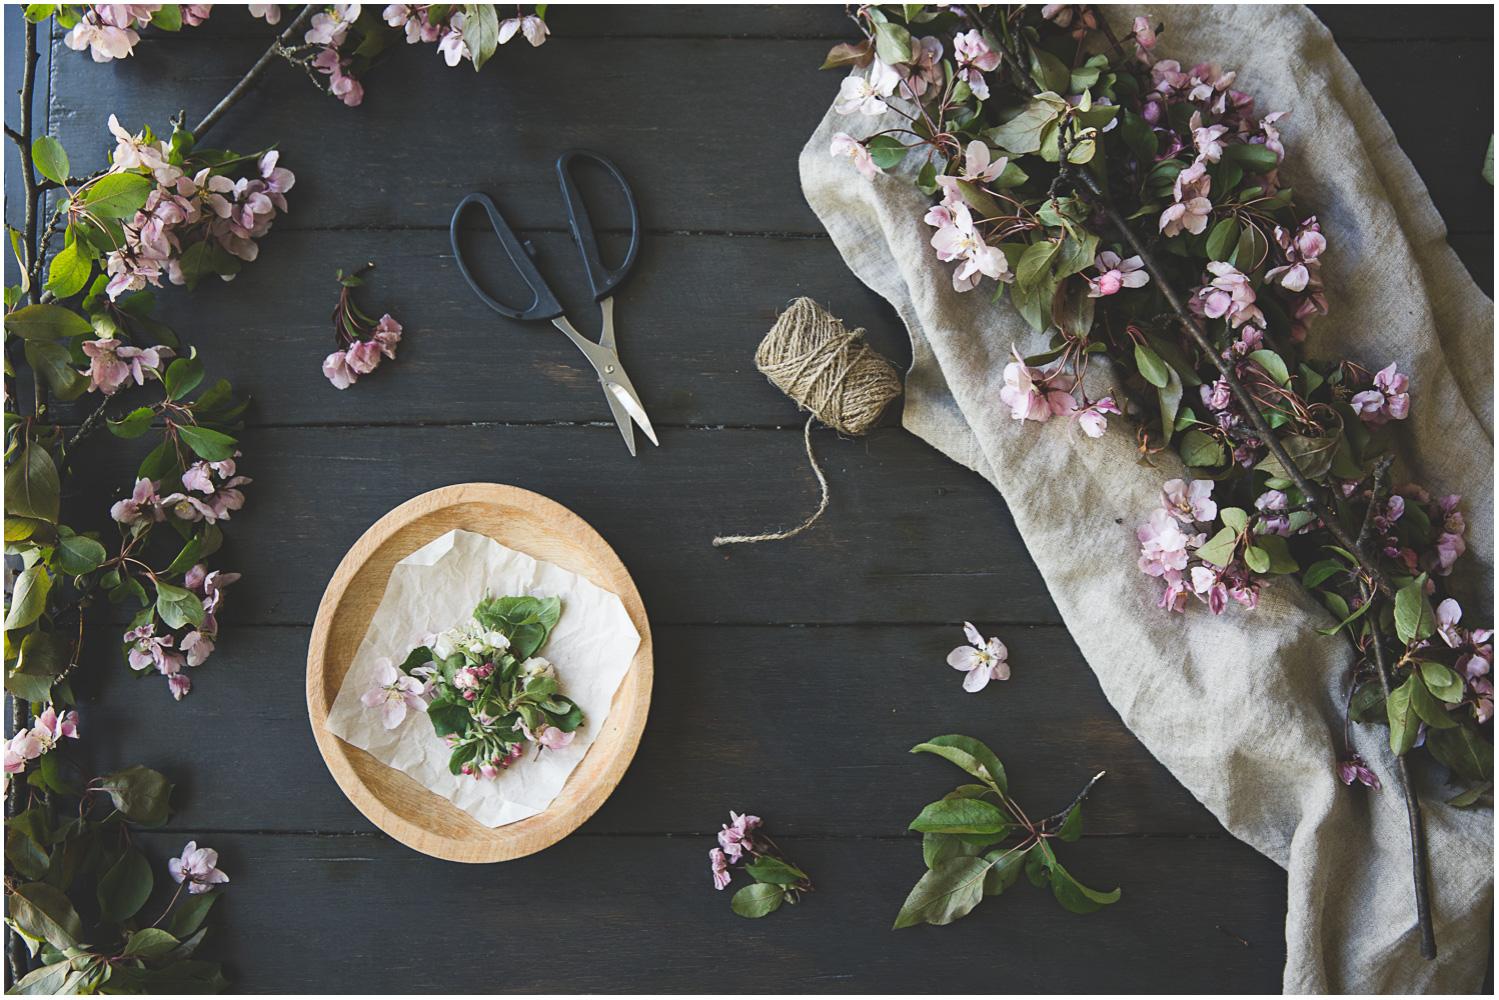 Bragg_Kate_Spring_17_Blossoms5.jpg